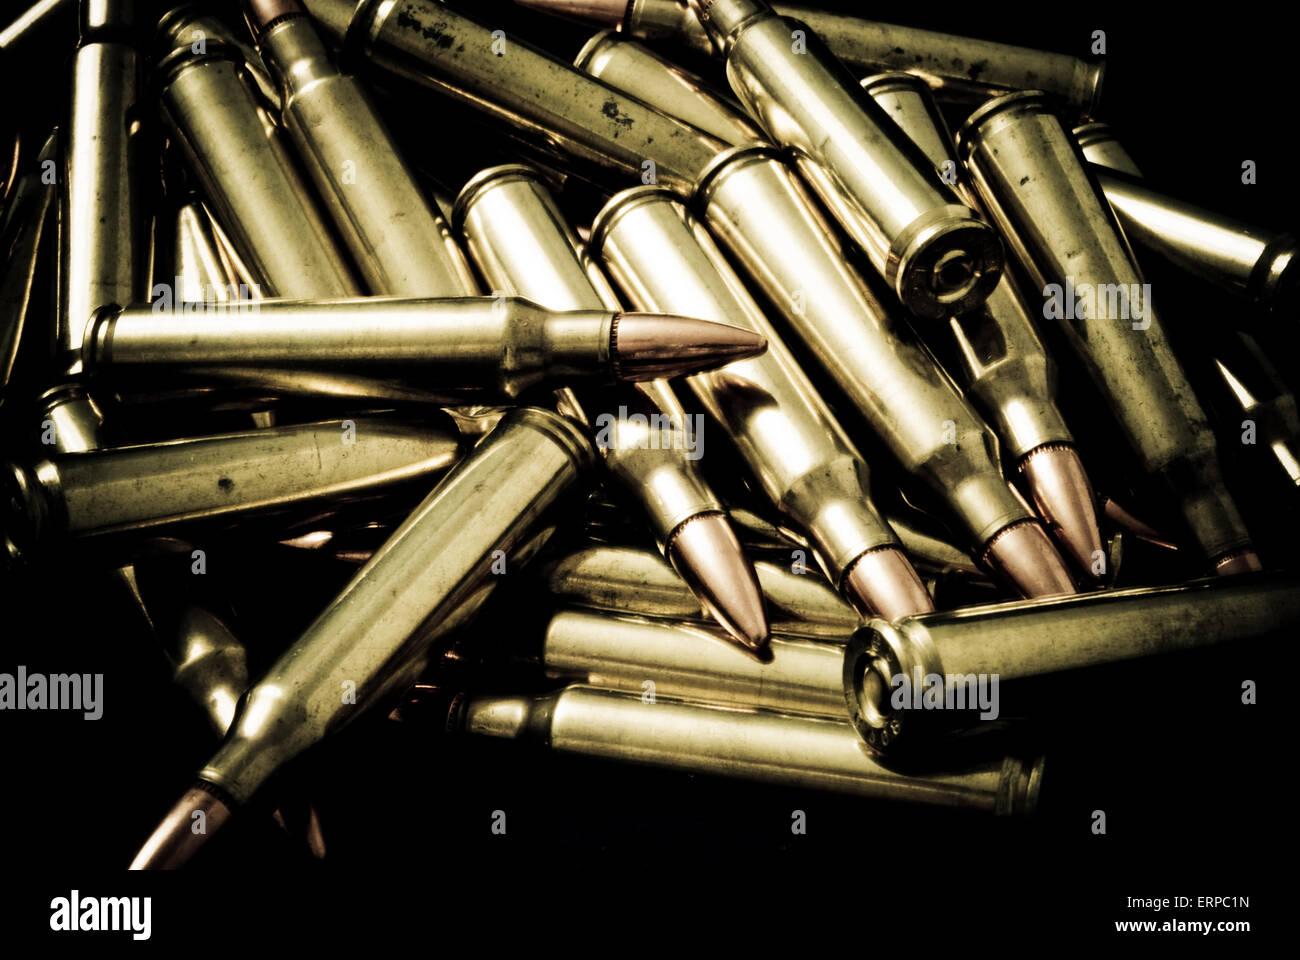 Pile of 5.56 mm Rifle Ammunition - Stock Image